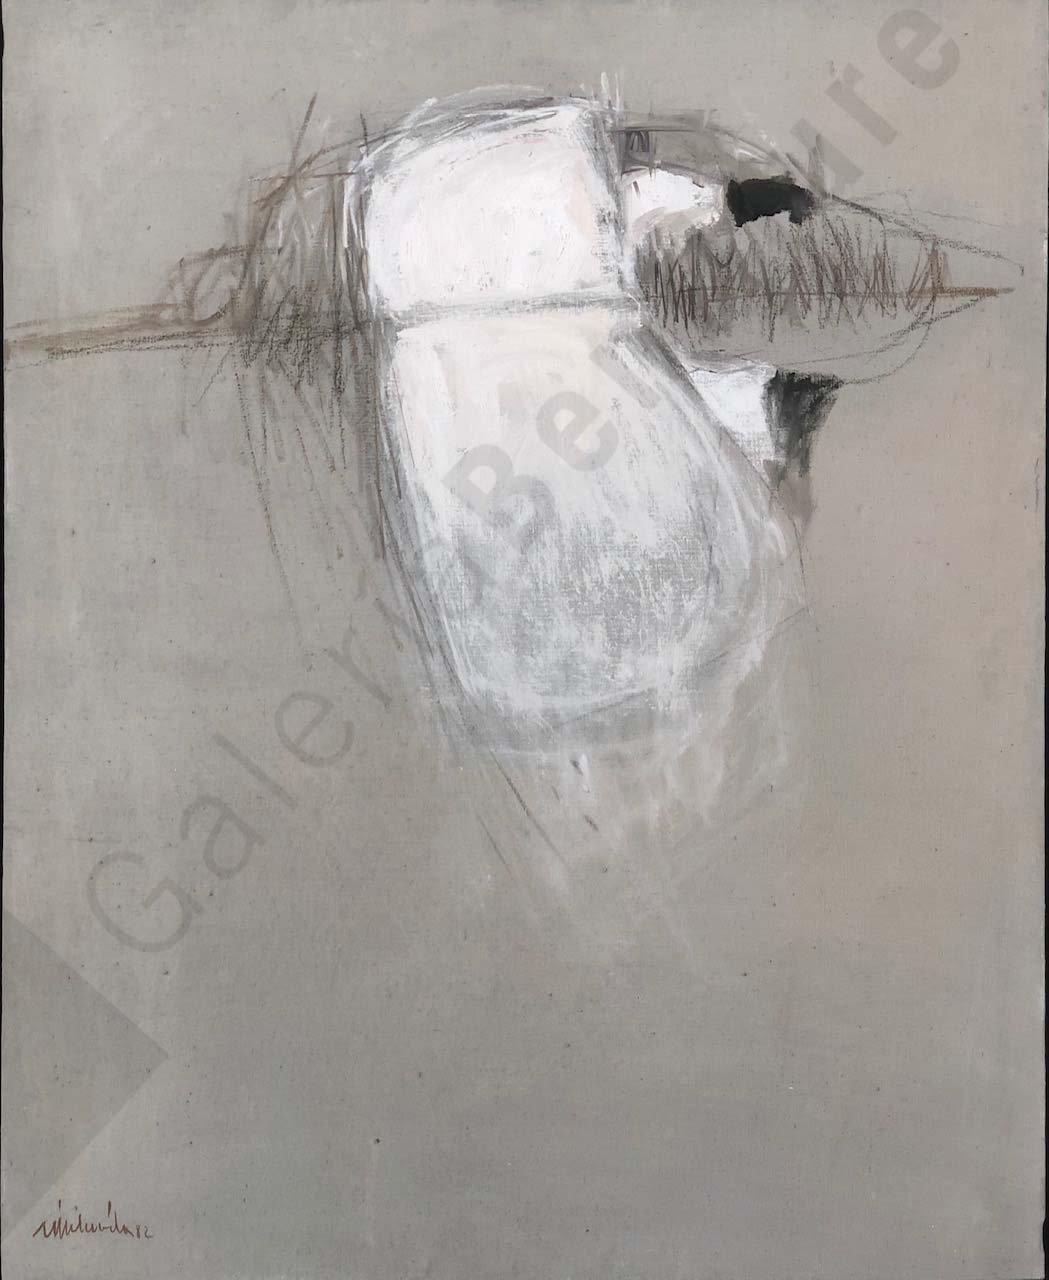 Albufera,1982 Óleo sobre lienzo 100 x 81 cm.